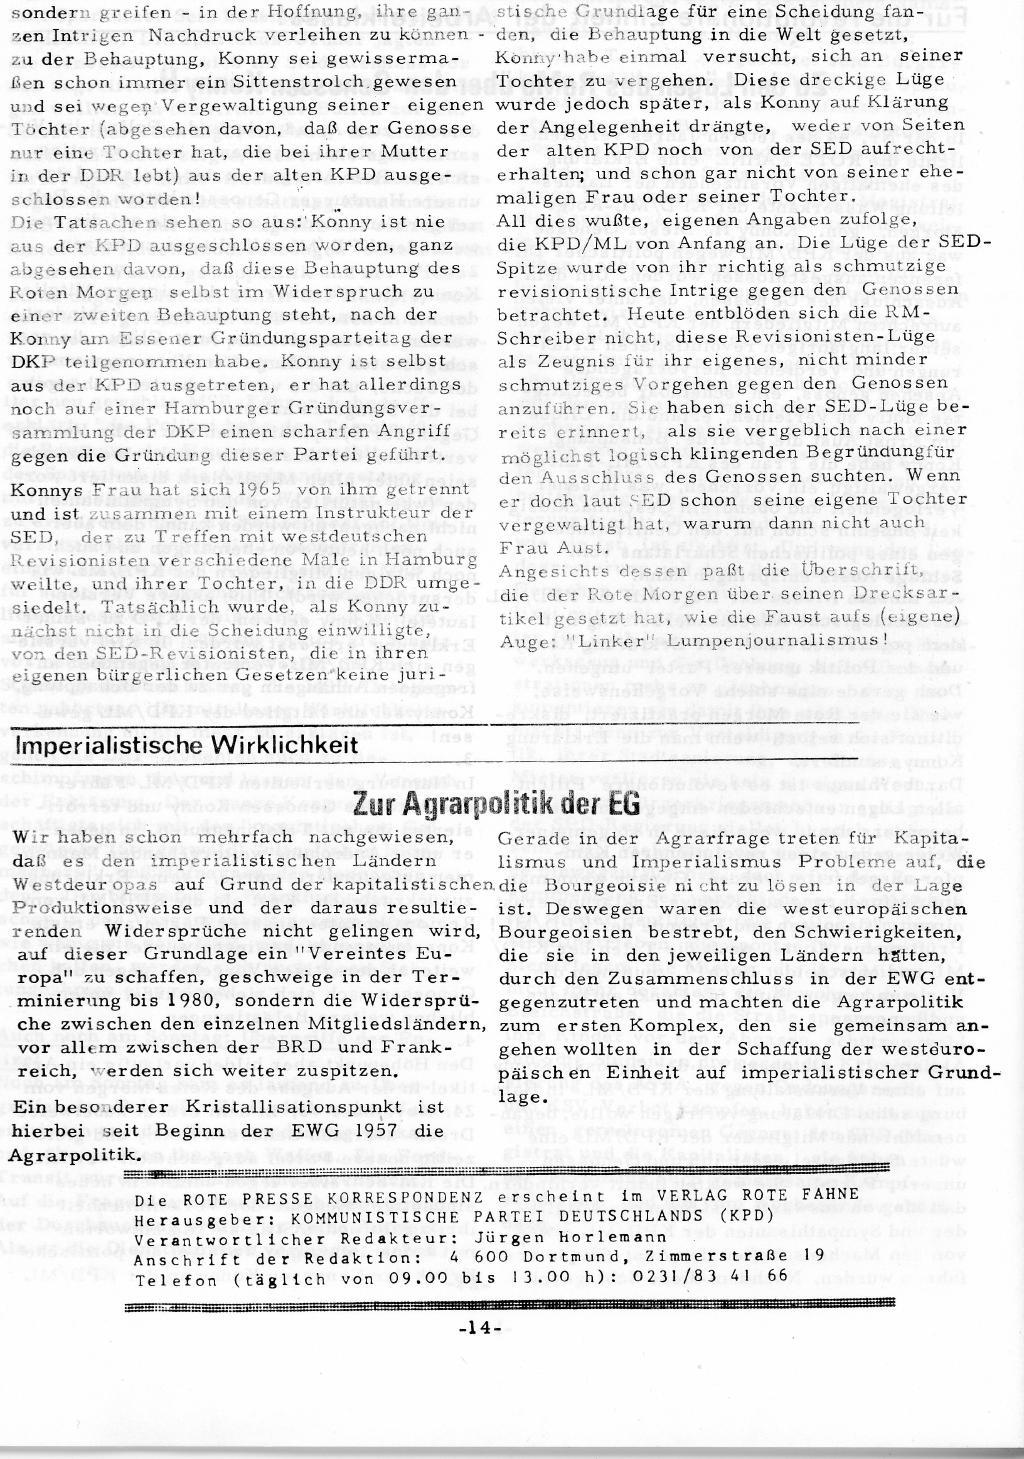 RPK_1974_07_08_14